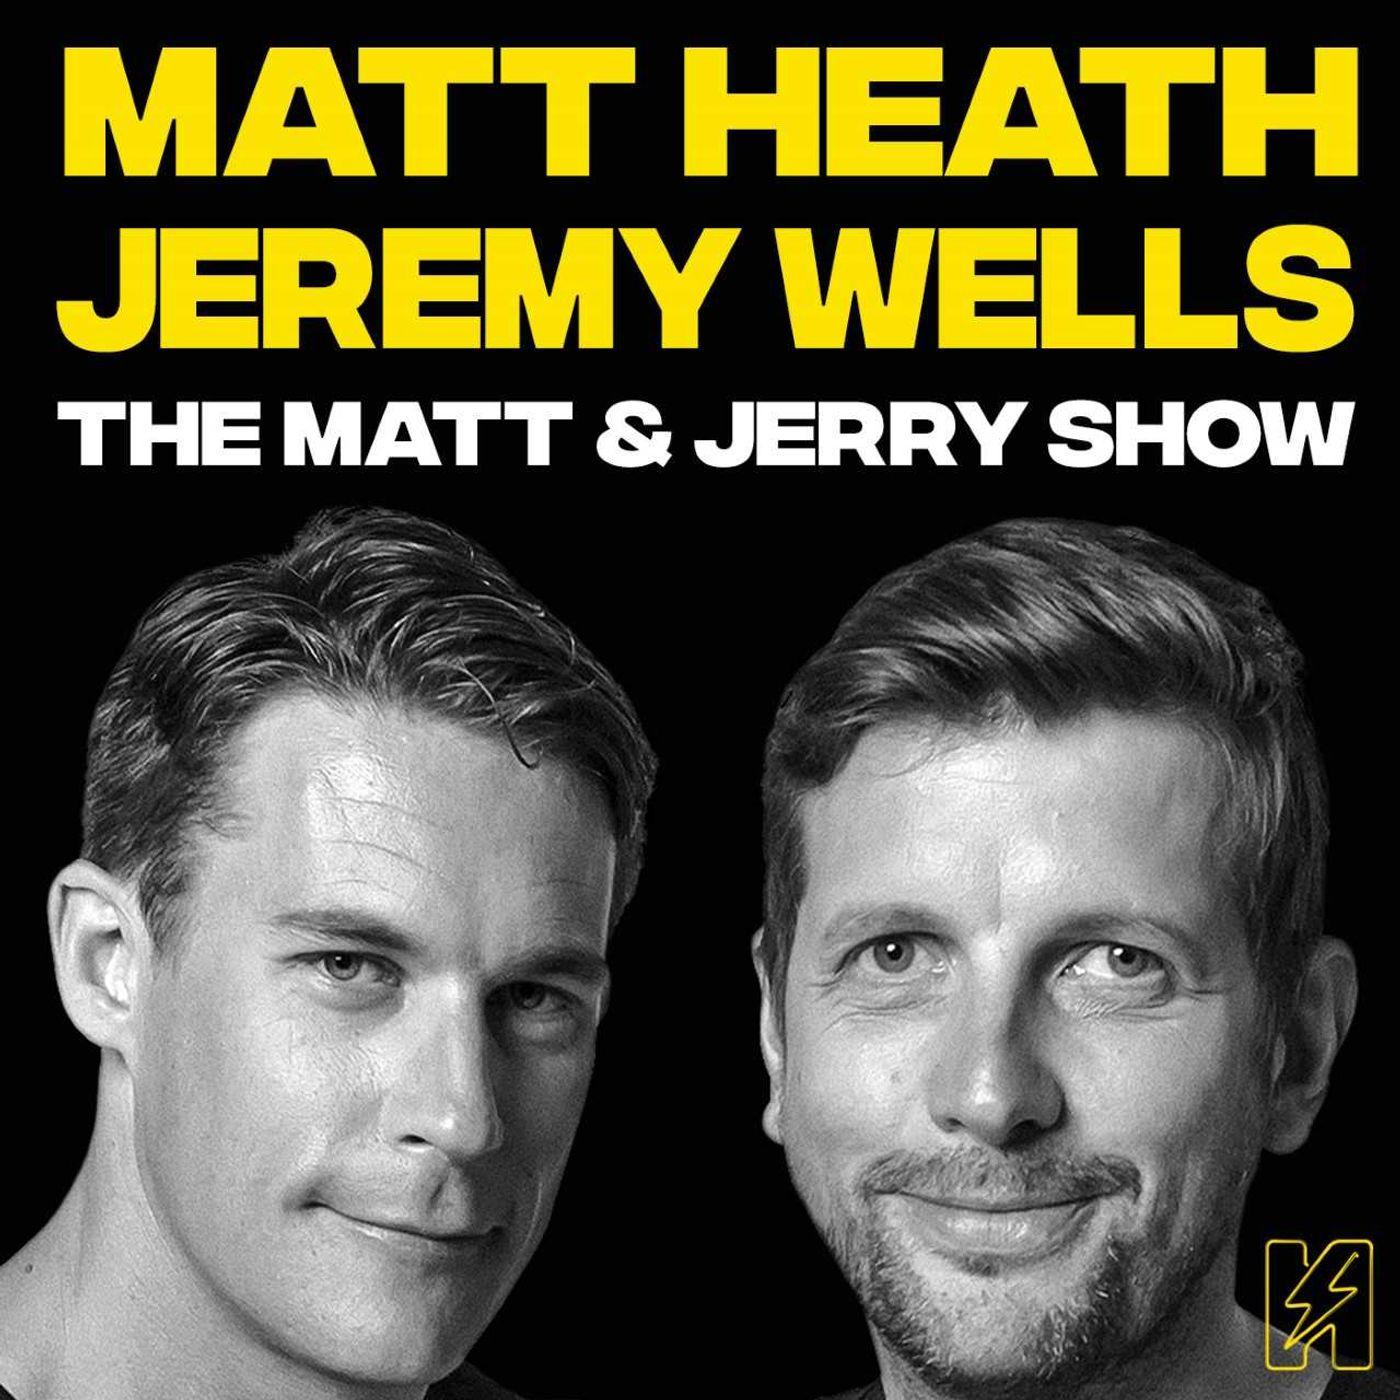 The Matt & Jerry Show